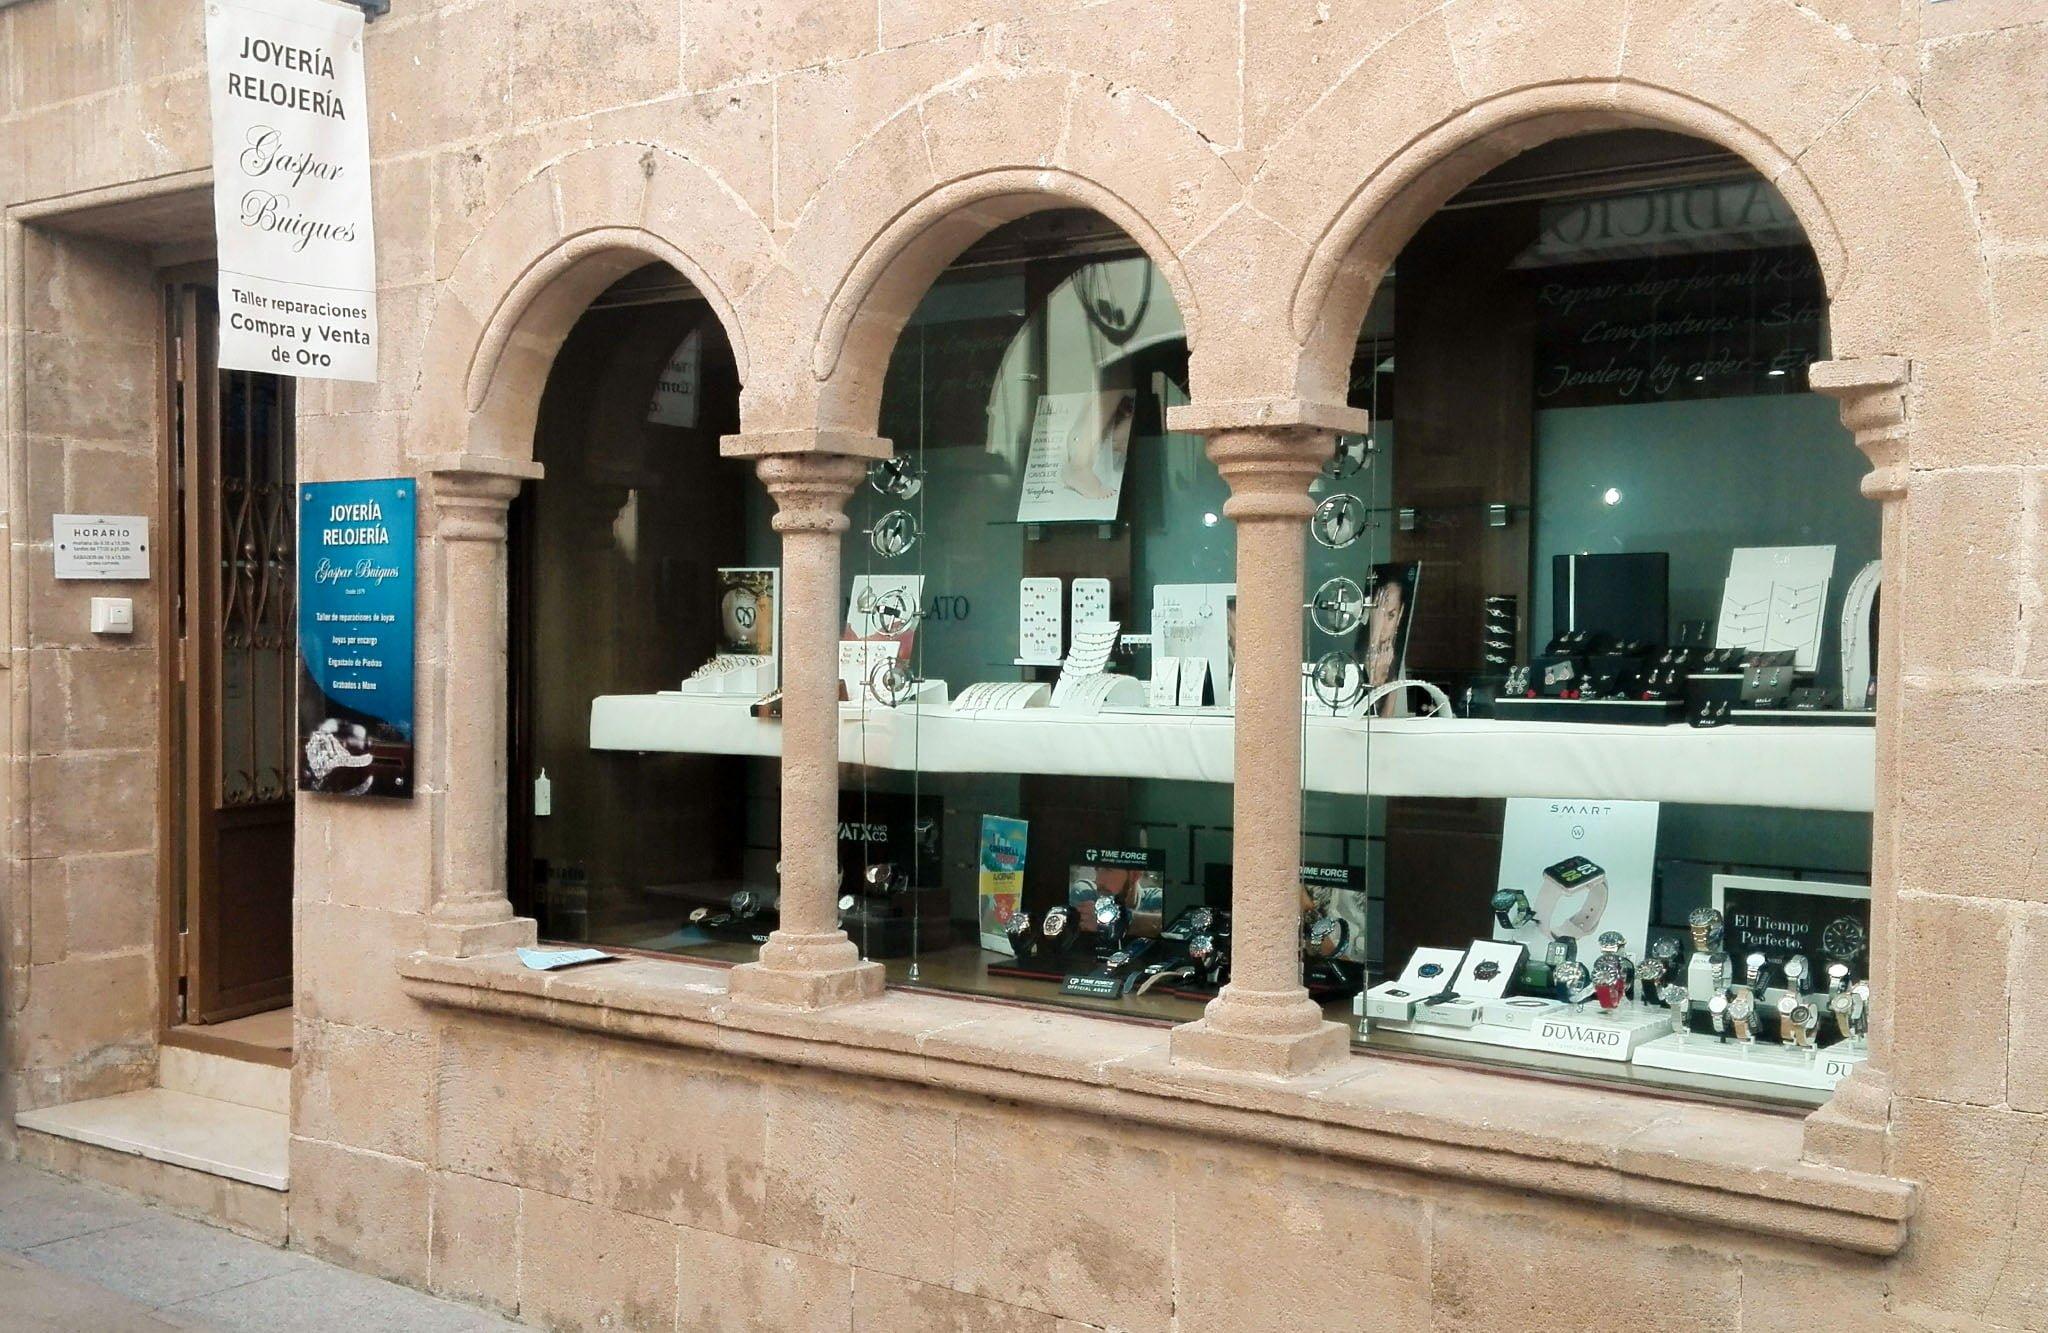 Joyería – Relojería Gaspar Buigues reparación de relojes